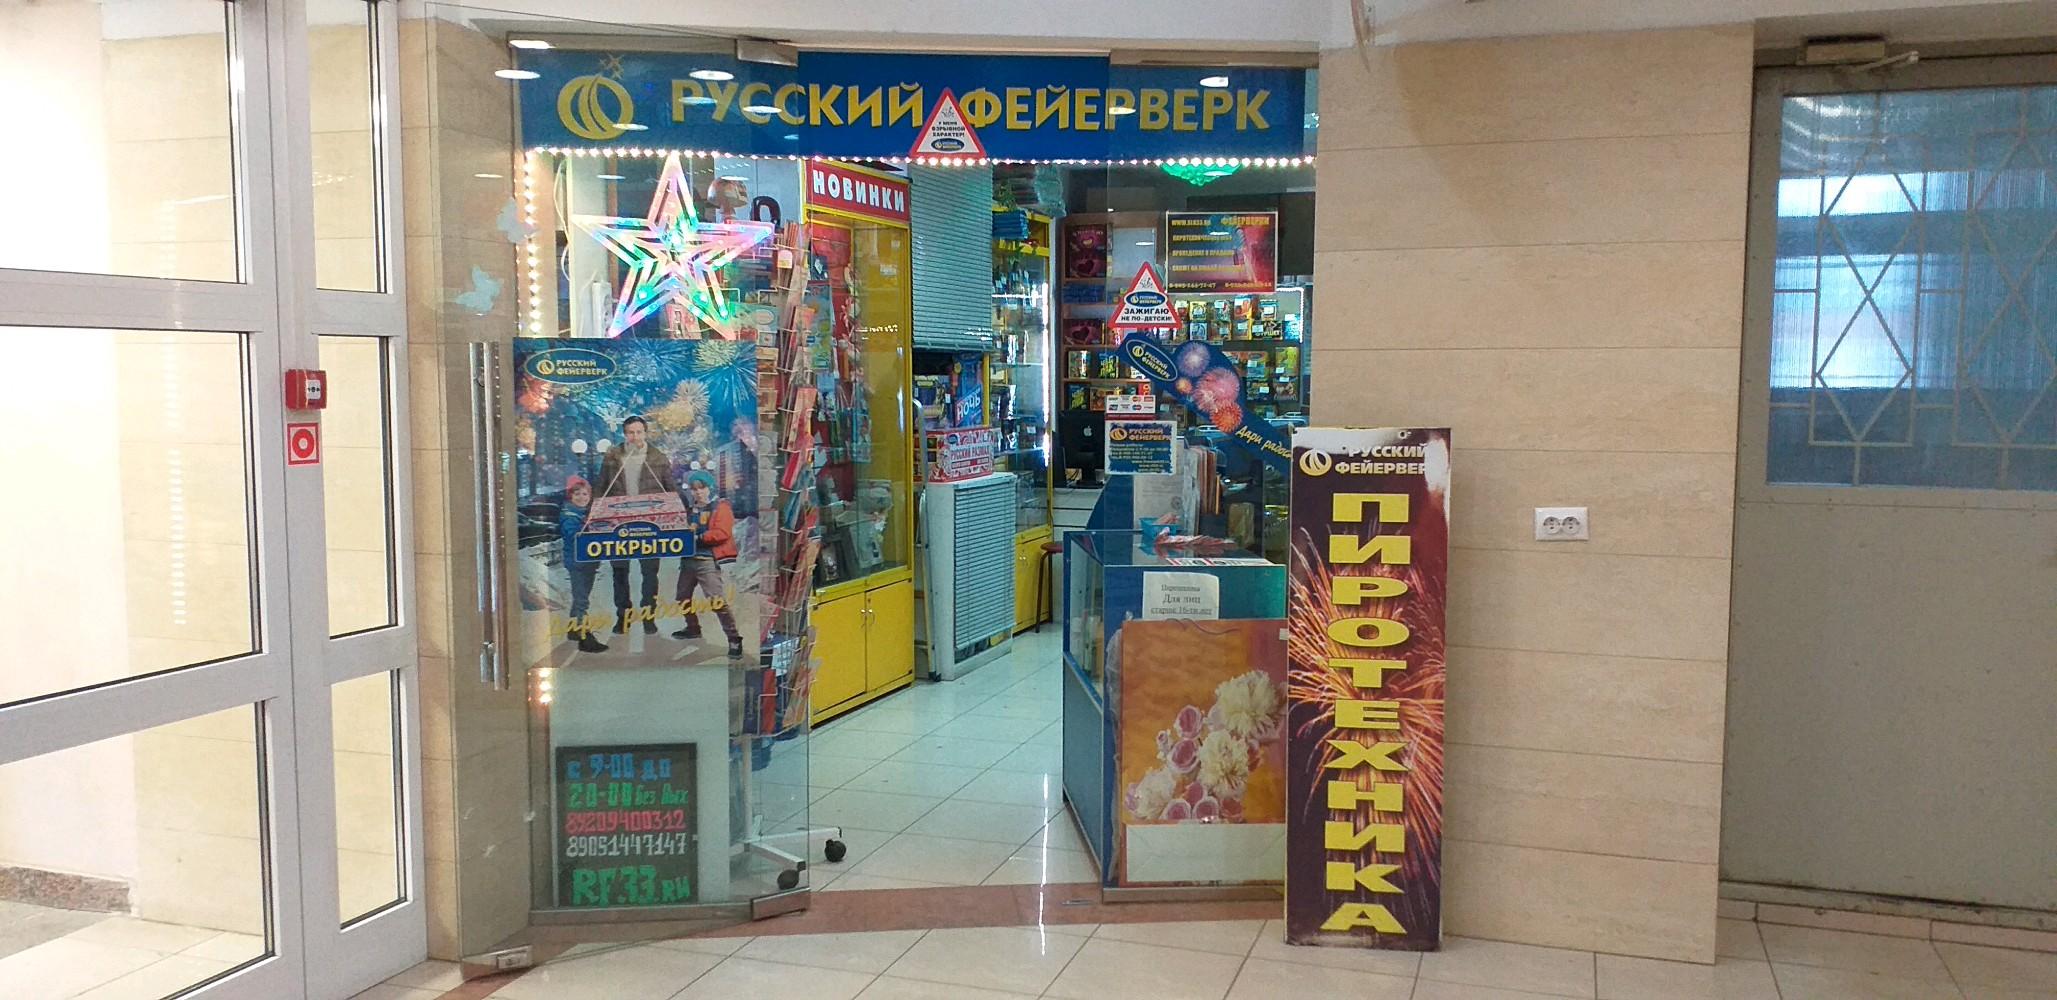 0439d4b170628 Отзывы о Русский фейерверк во Владимире • Яндекс.Карты